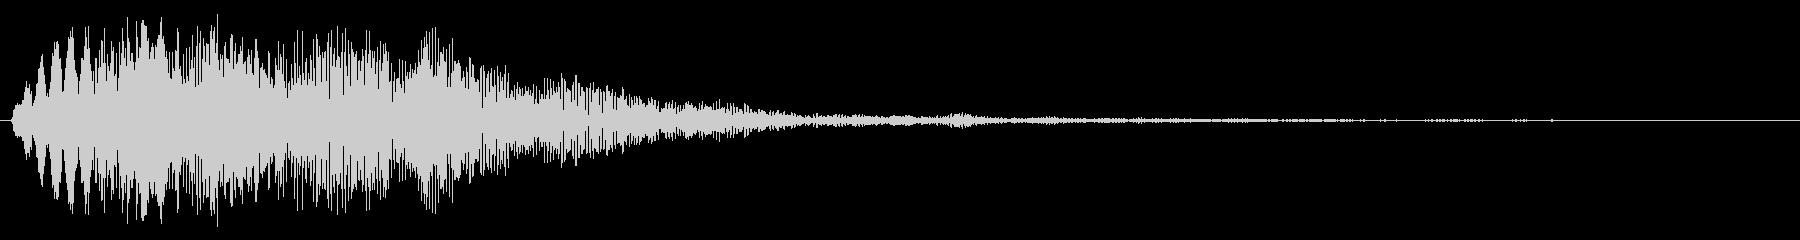 問題を出題する時の効果音(暗め)の未再生の波形